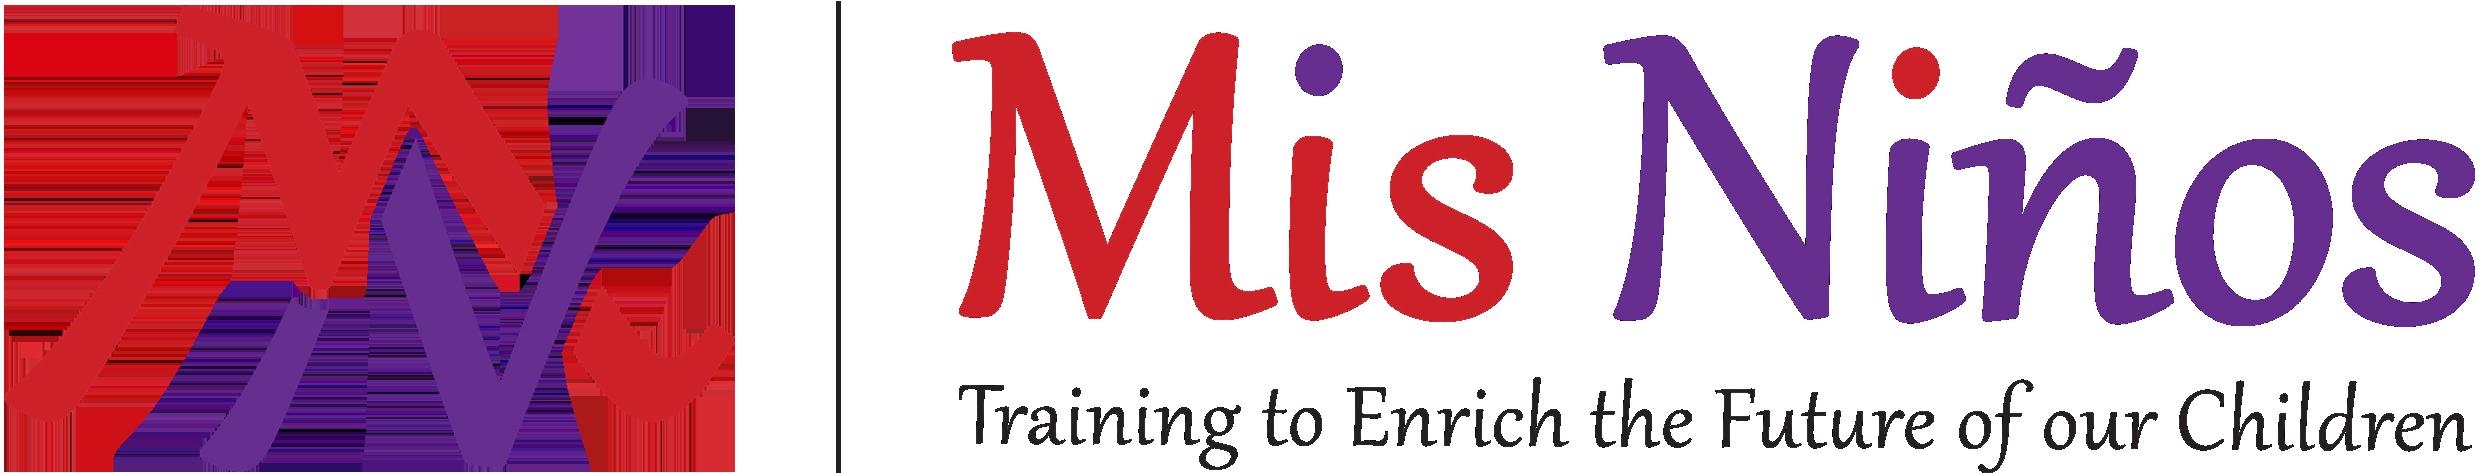 Mis Niños logo